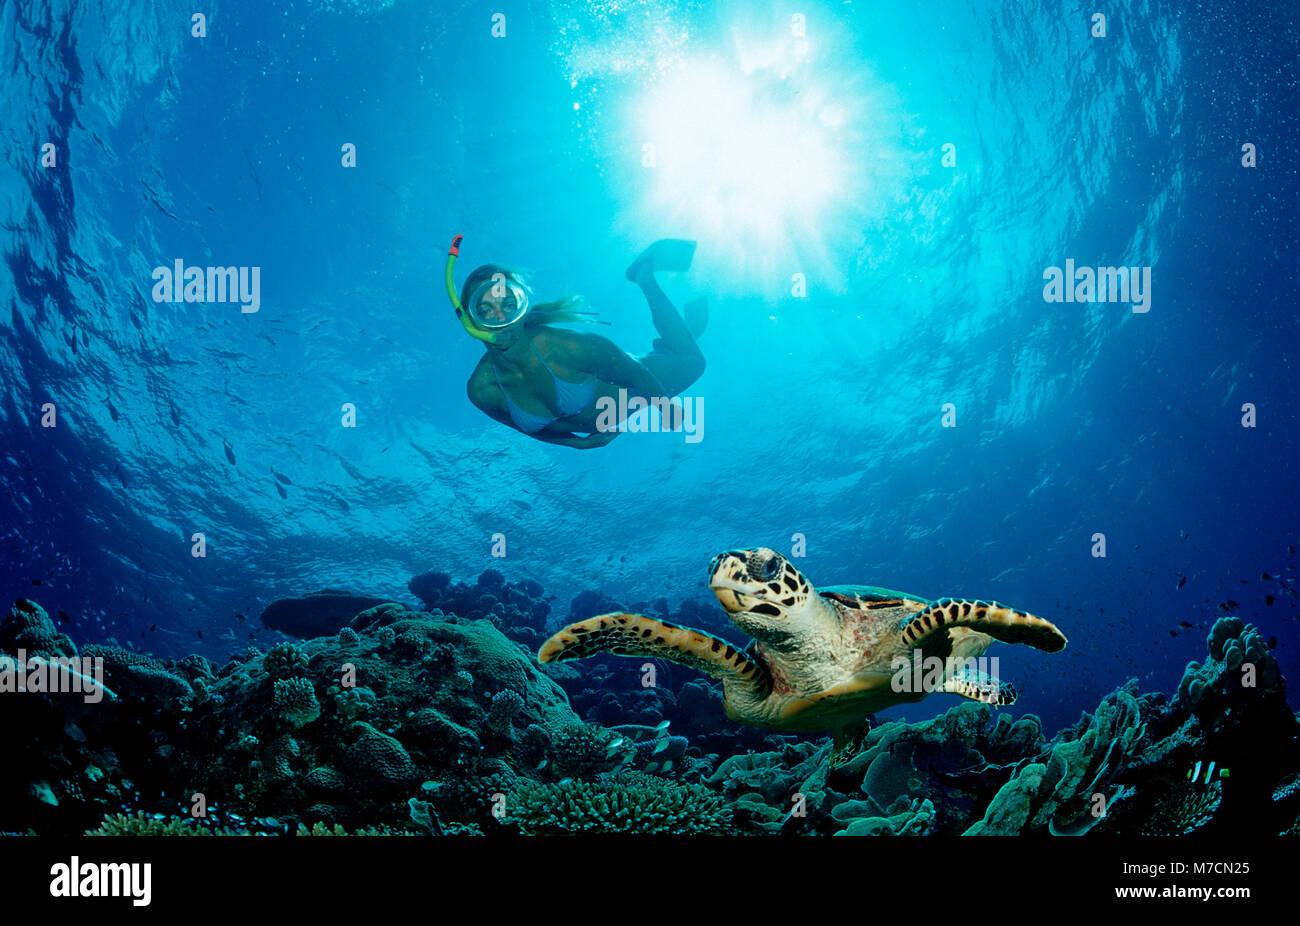 La piel y la tortuga carey, Eretmochelys imbricata buzo, Maldivas, Océano Índico, atolón Meemu Imagen De Stock